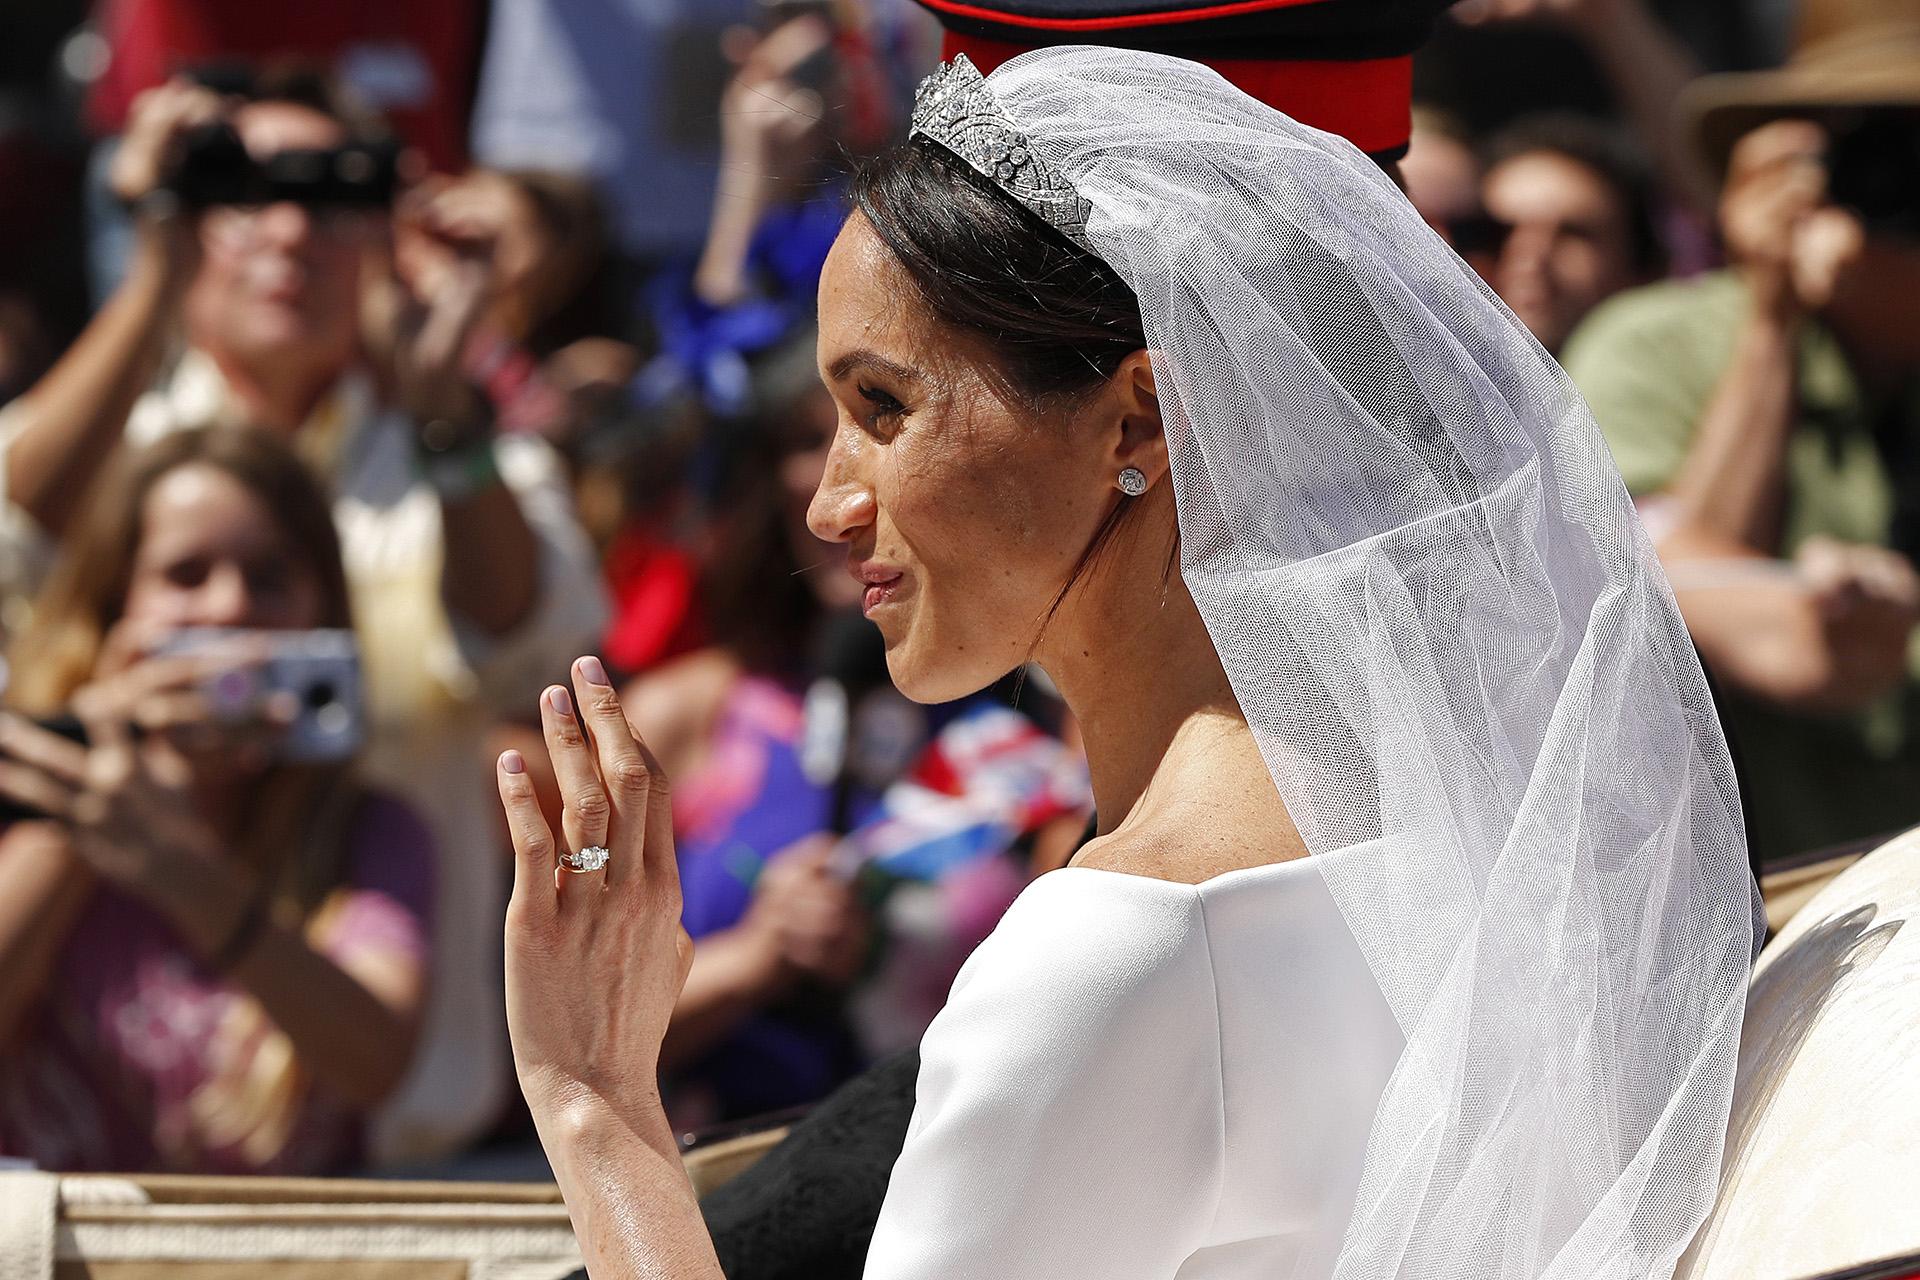 Para Meghan es el inicio de una nueva vida. Para casarse con Harry aceptó cambiar de religión: dejó el judaísmo y se convirtió al anglicanismo luego de ser bautizada y confirmada por el Obispo de Canterbury (AFP)